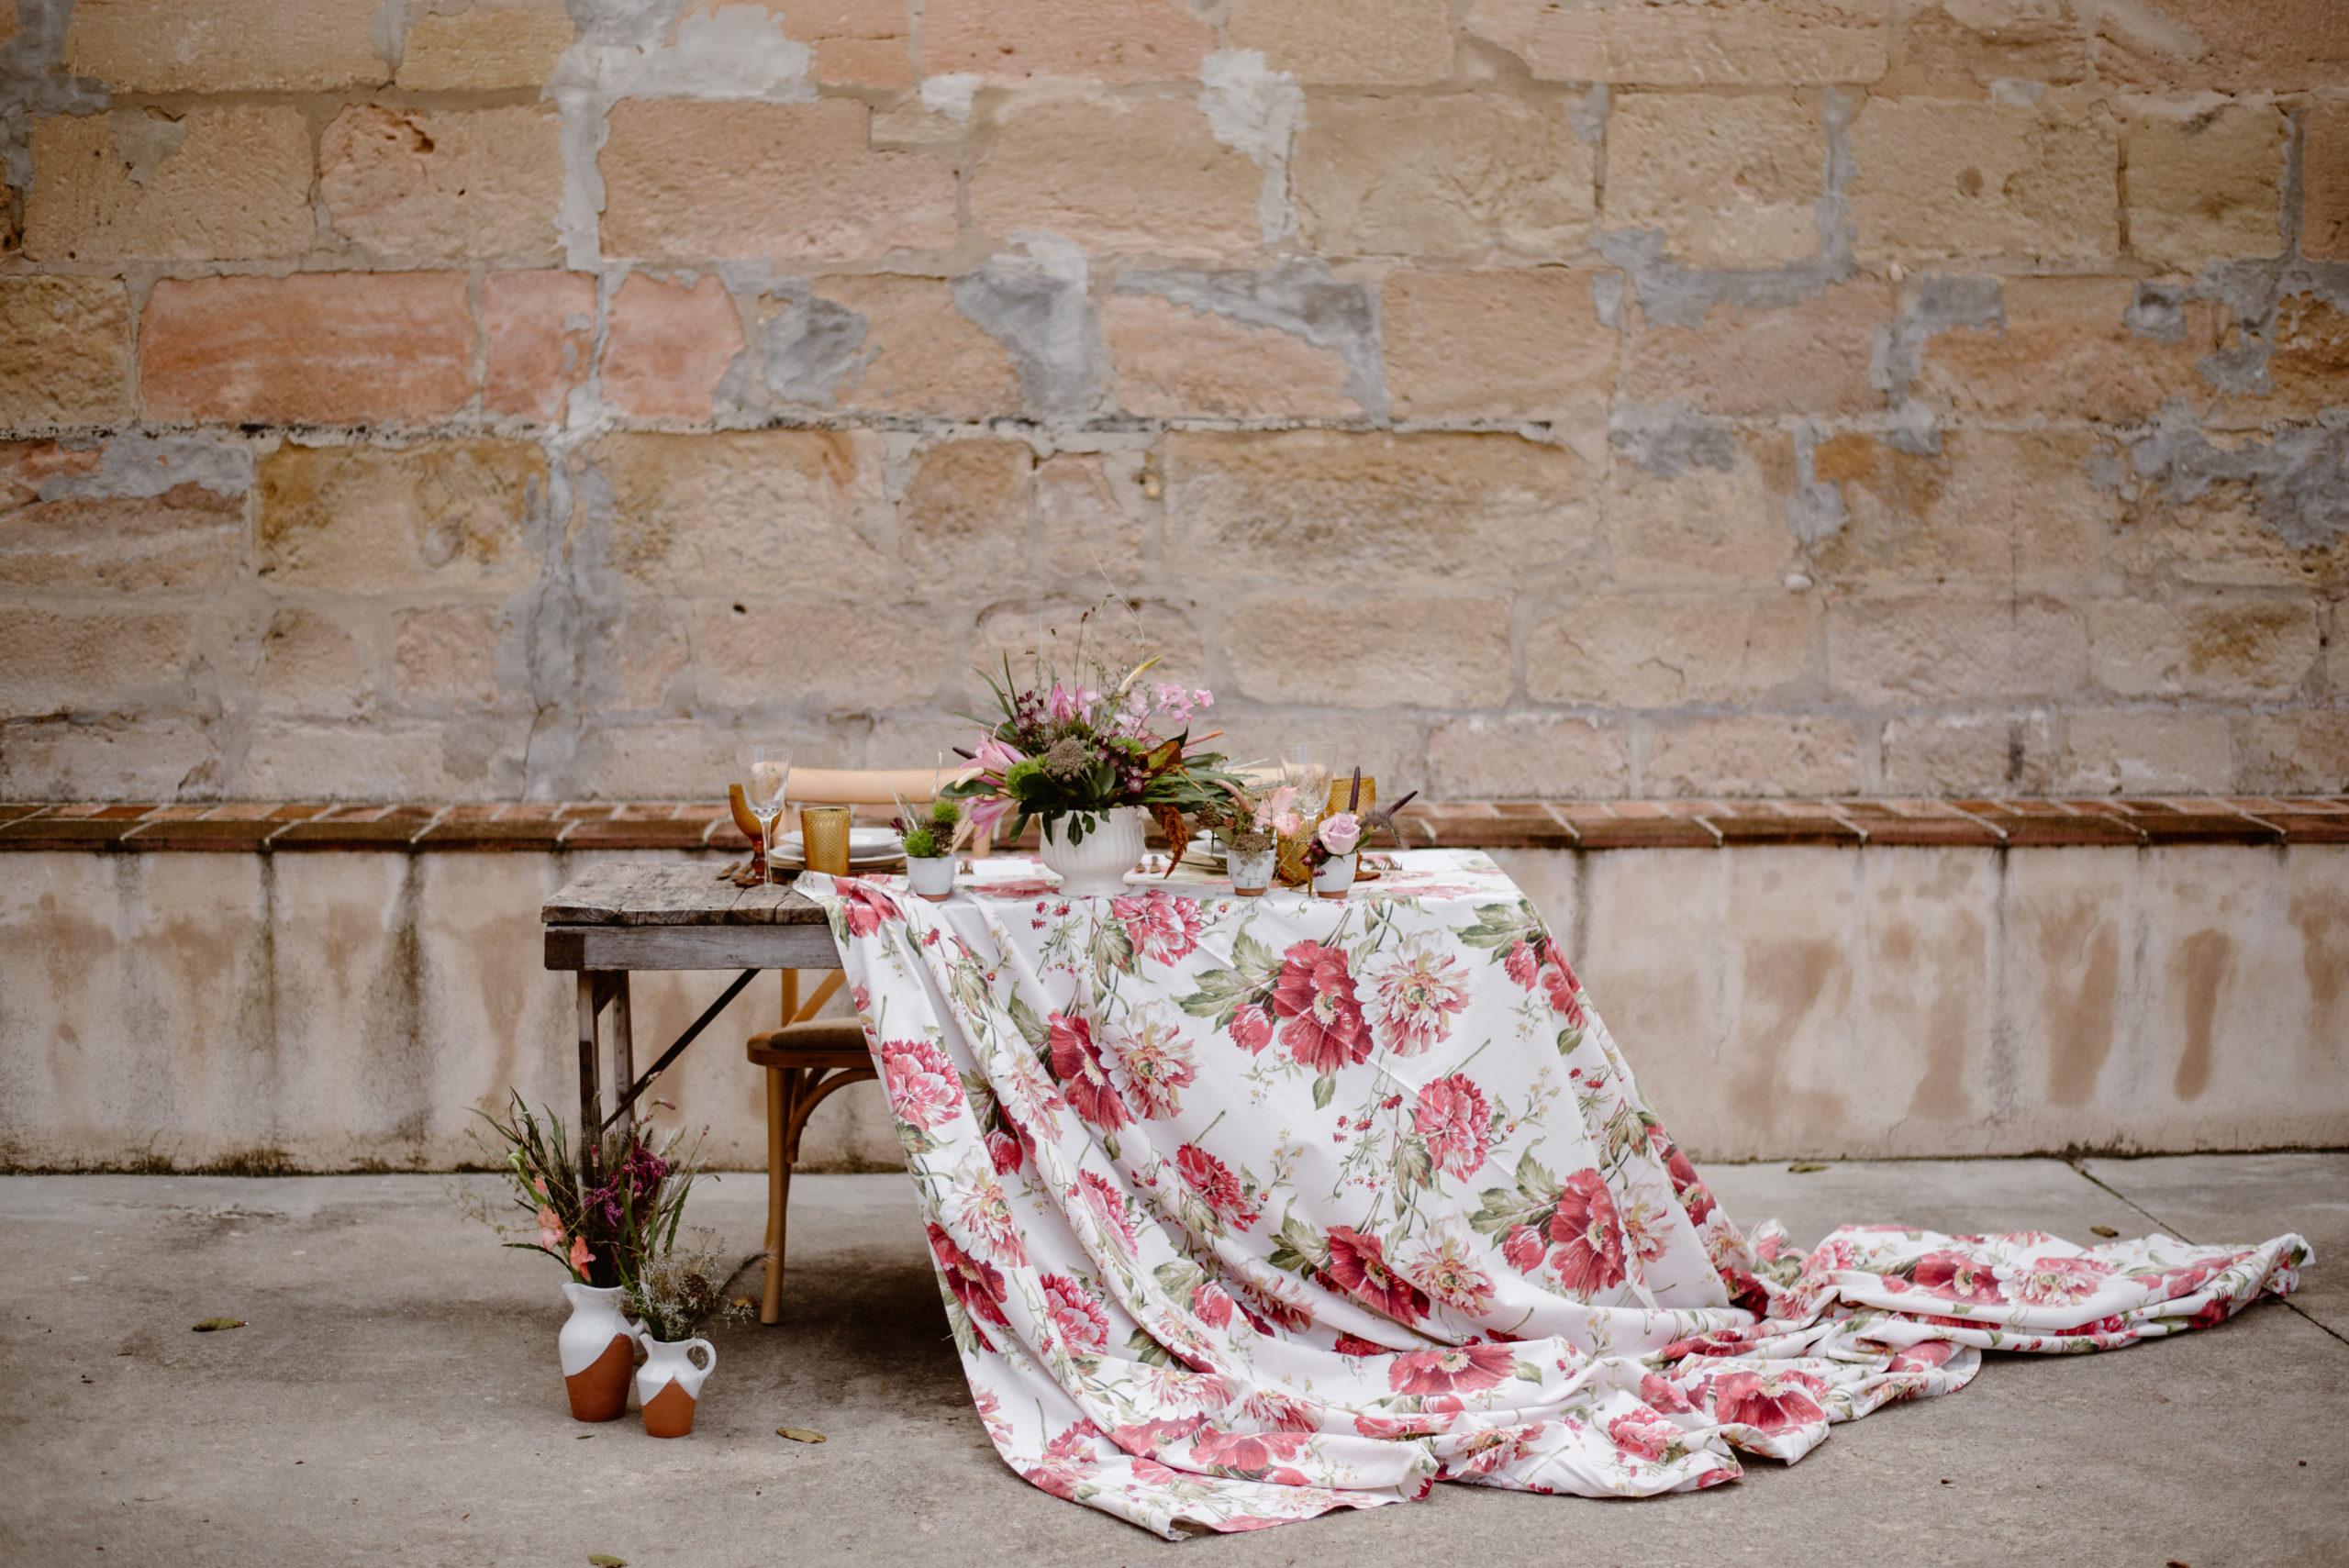 Mesa rústica con mantel floral  moderno en la boda